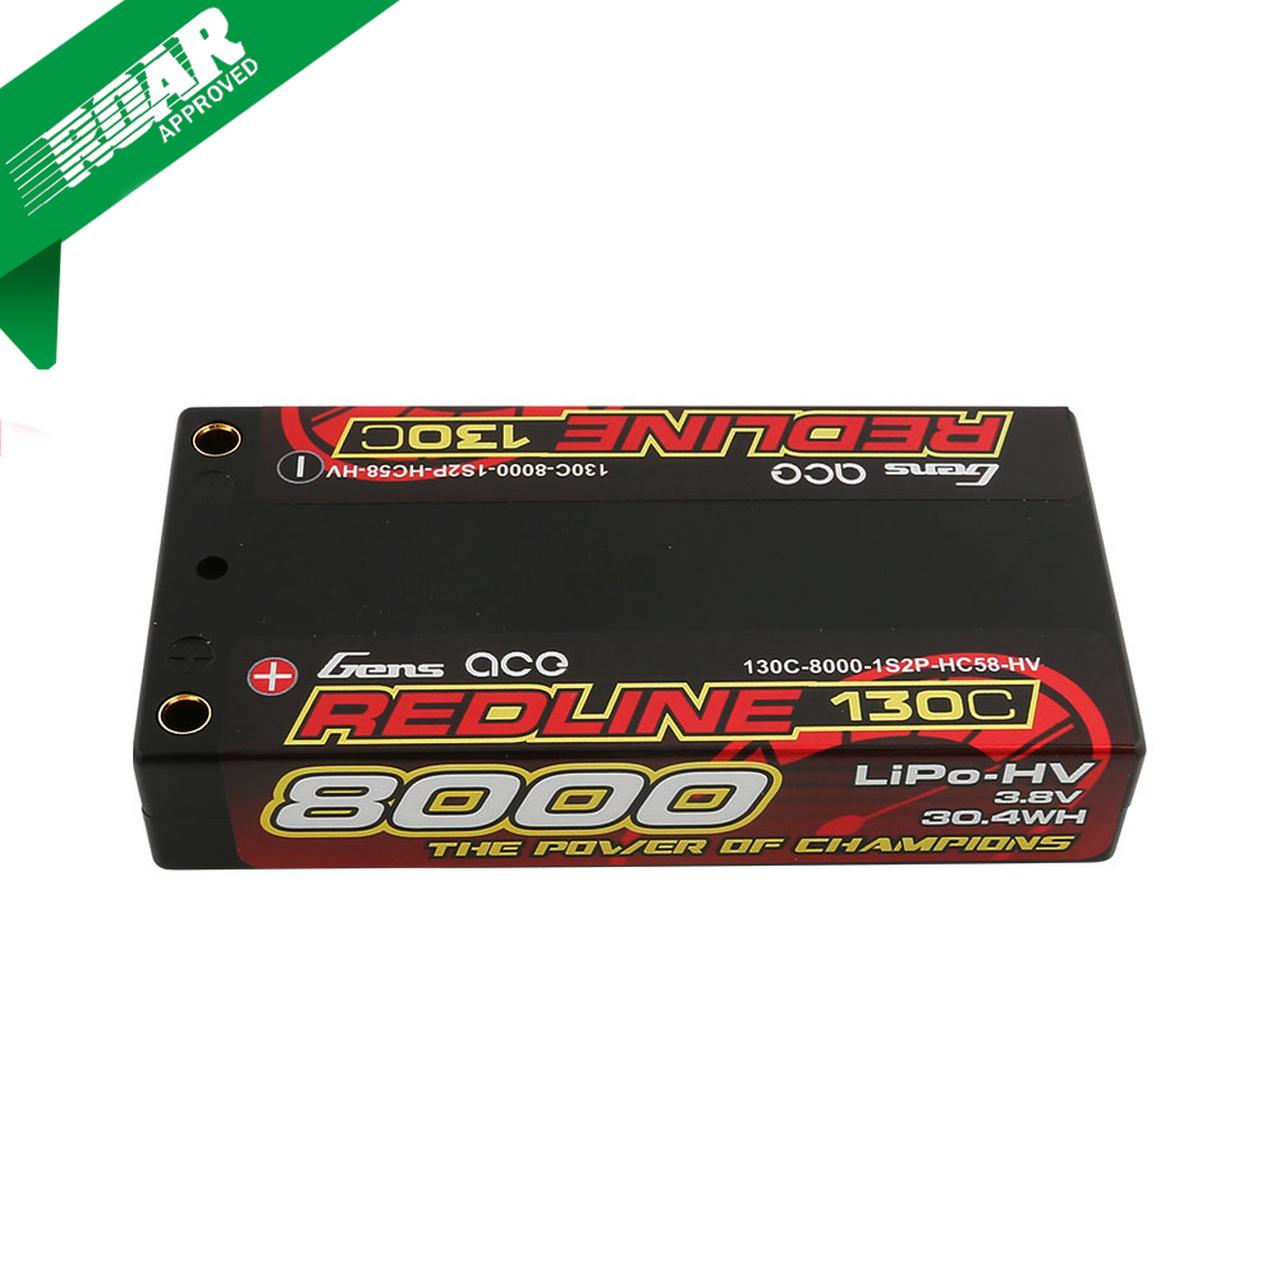 Gens ace Redline Series 8000mAh 3.8V 130C 1S2P HardCase HV Lipo Battery